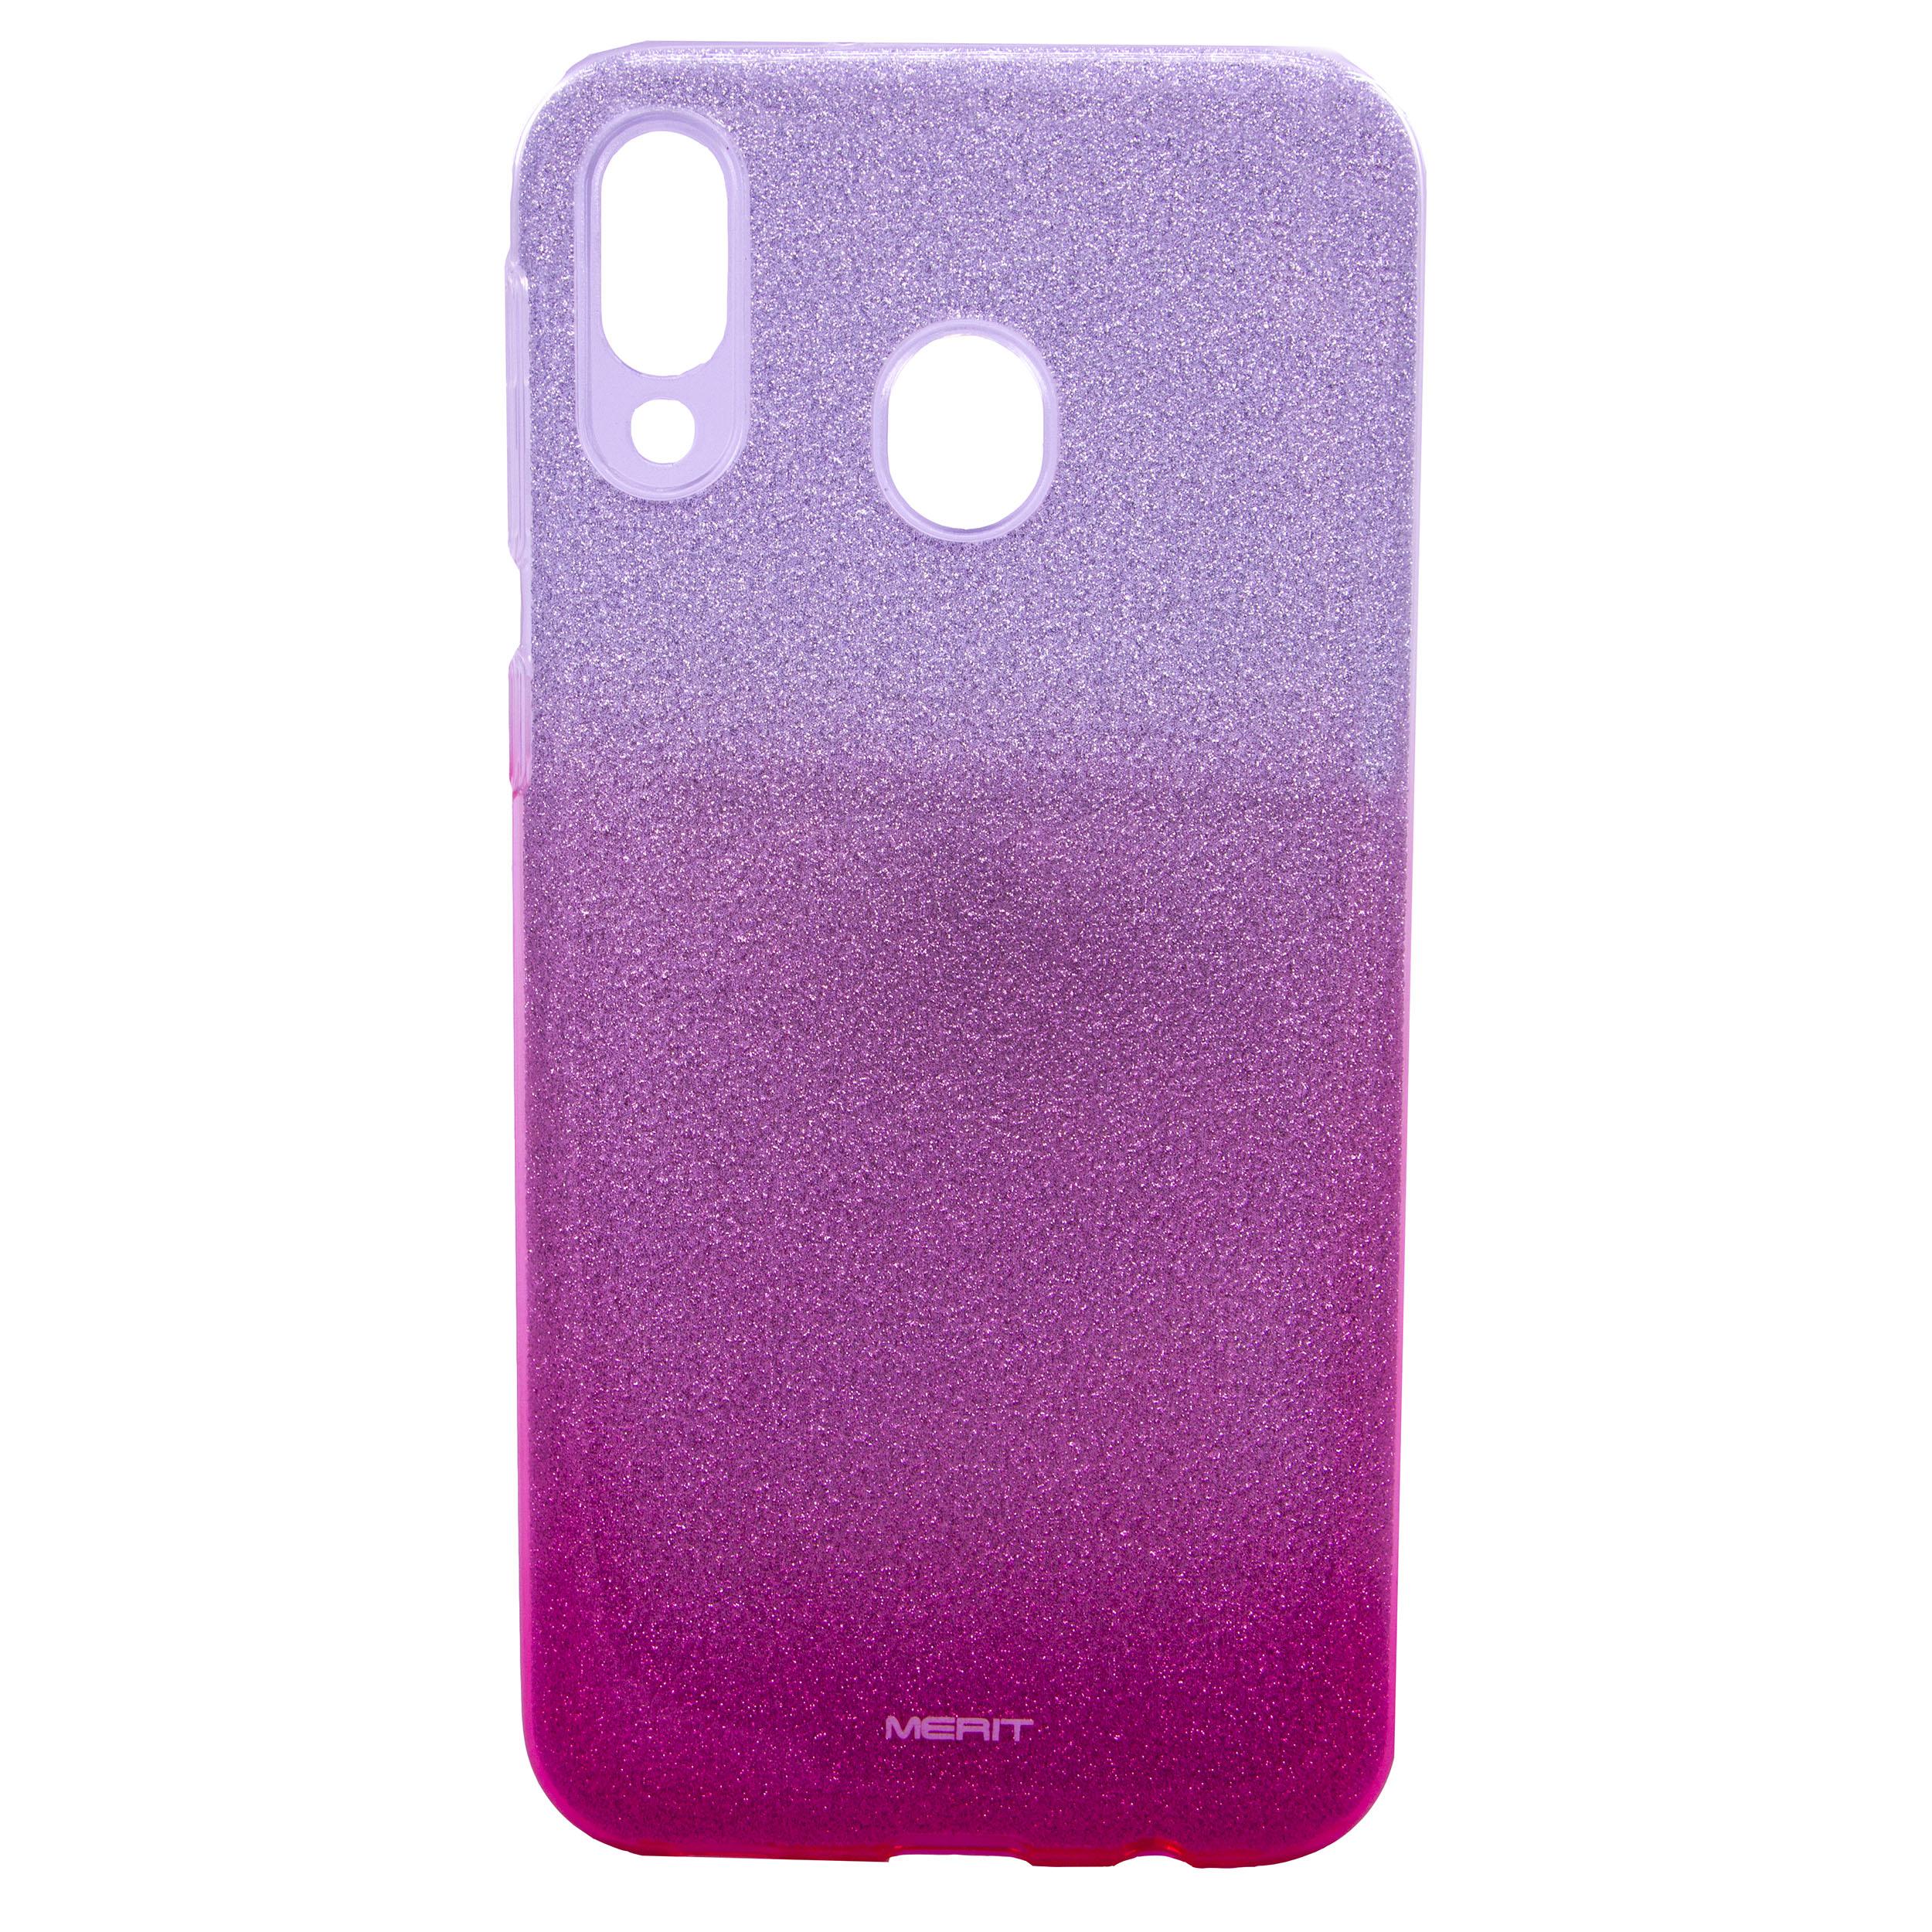 کاور مریت طرح اکلیلی کد 9804105141 مناسب برای گوشی موبایل سامسونگ Galaxy M20